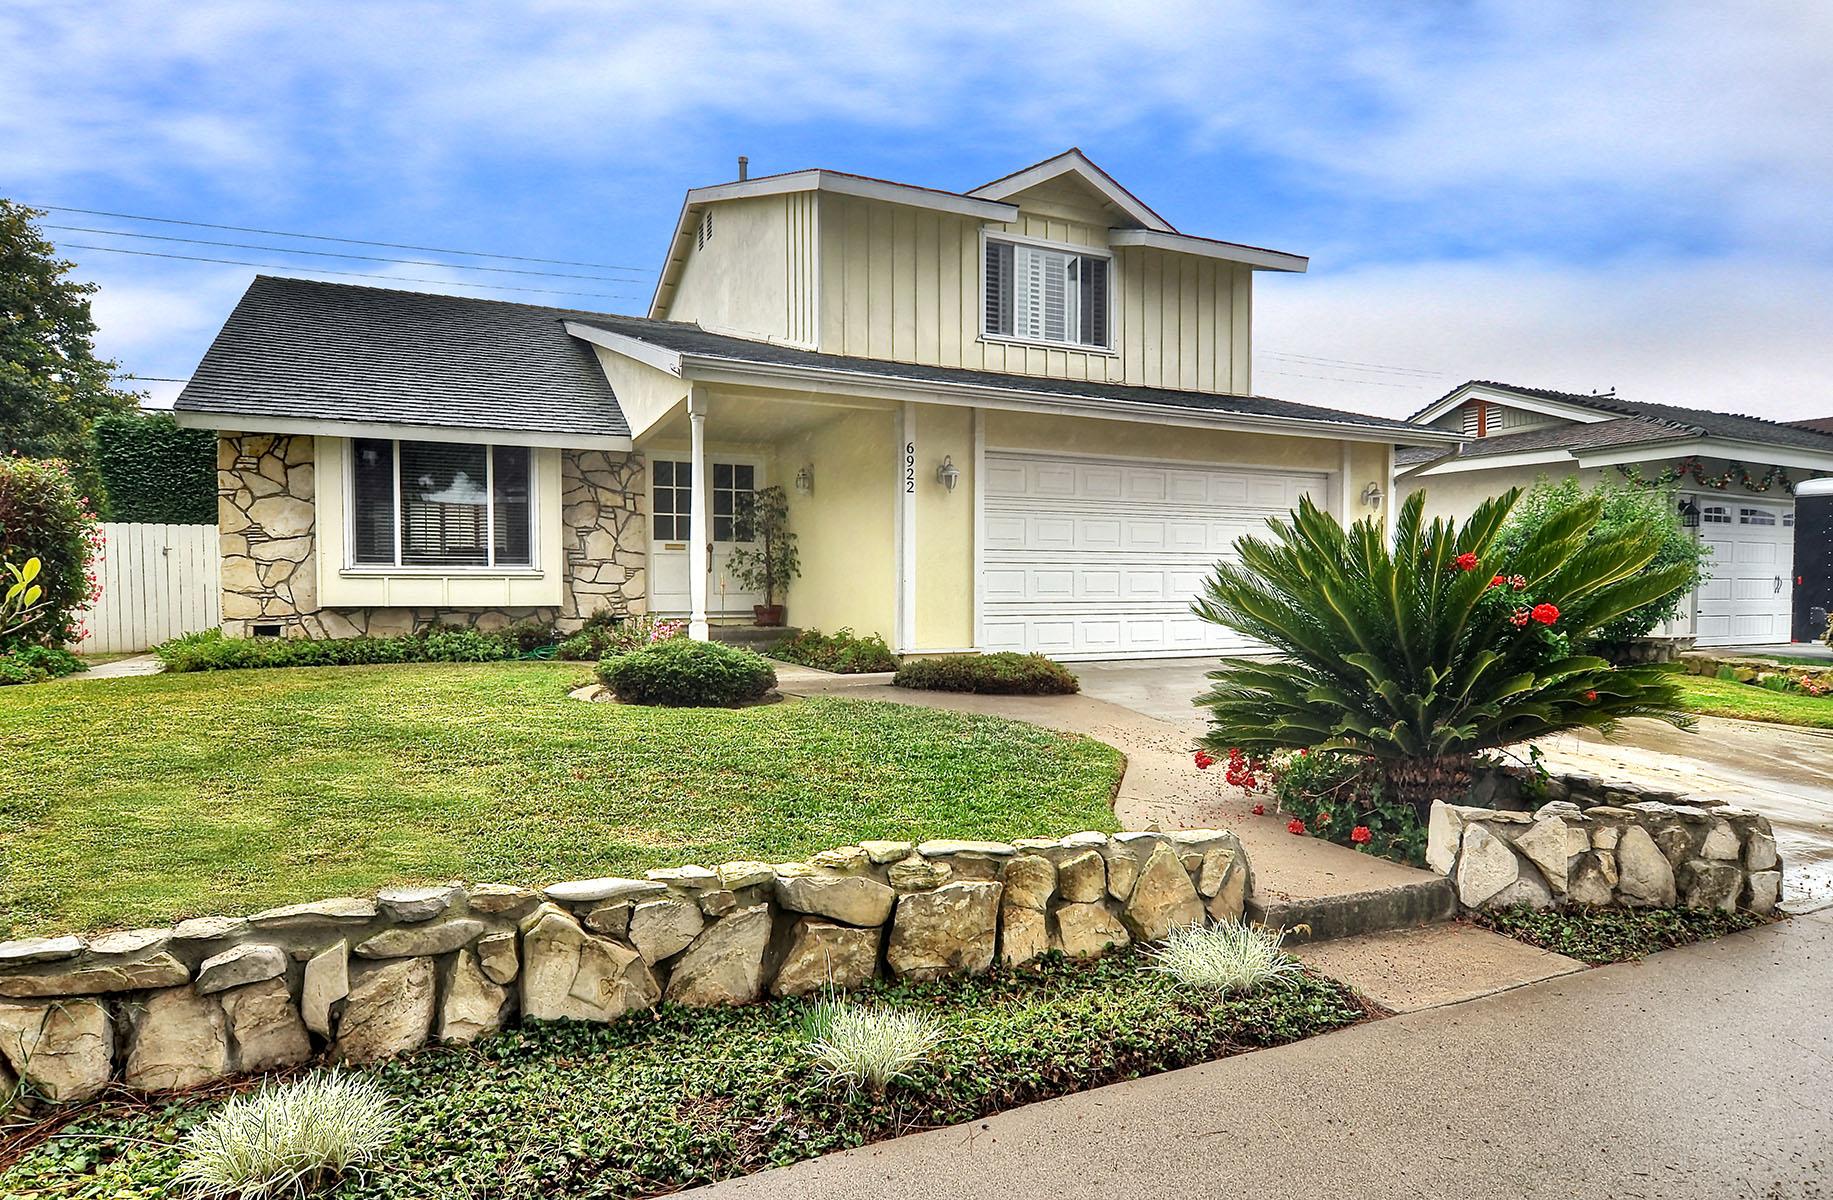 단독 가정 주택 용 매매 에 6922 Laurelhurst Huntington Beach, 캘리포니아, 92647 미국